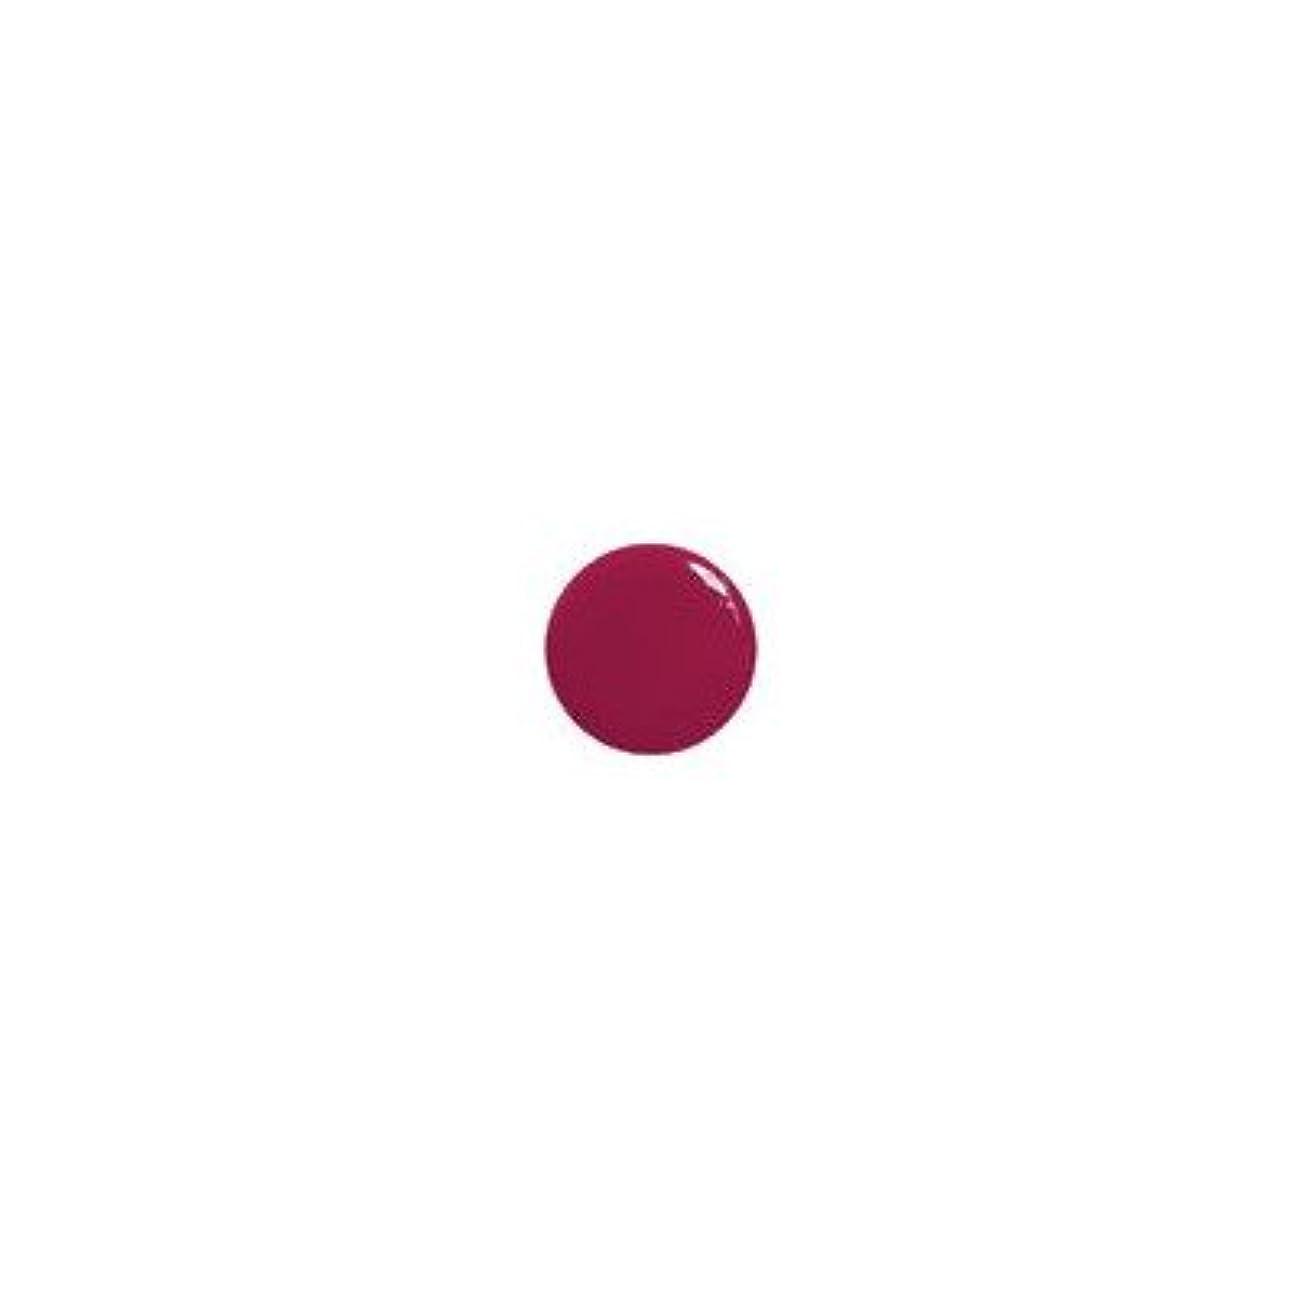 カップ君主大工ジェレレーション カラー485Cブラシングプリンセス